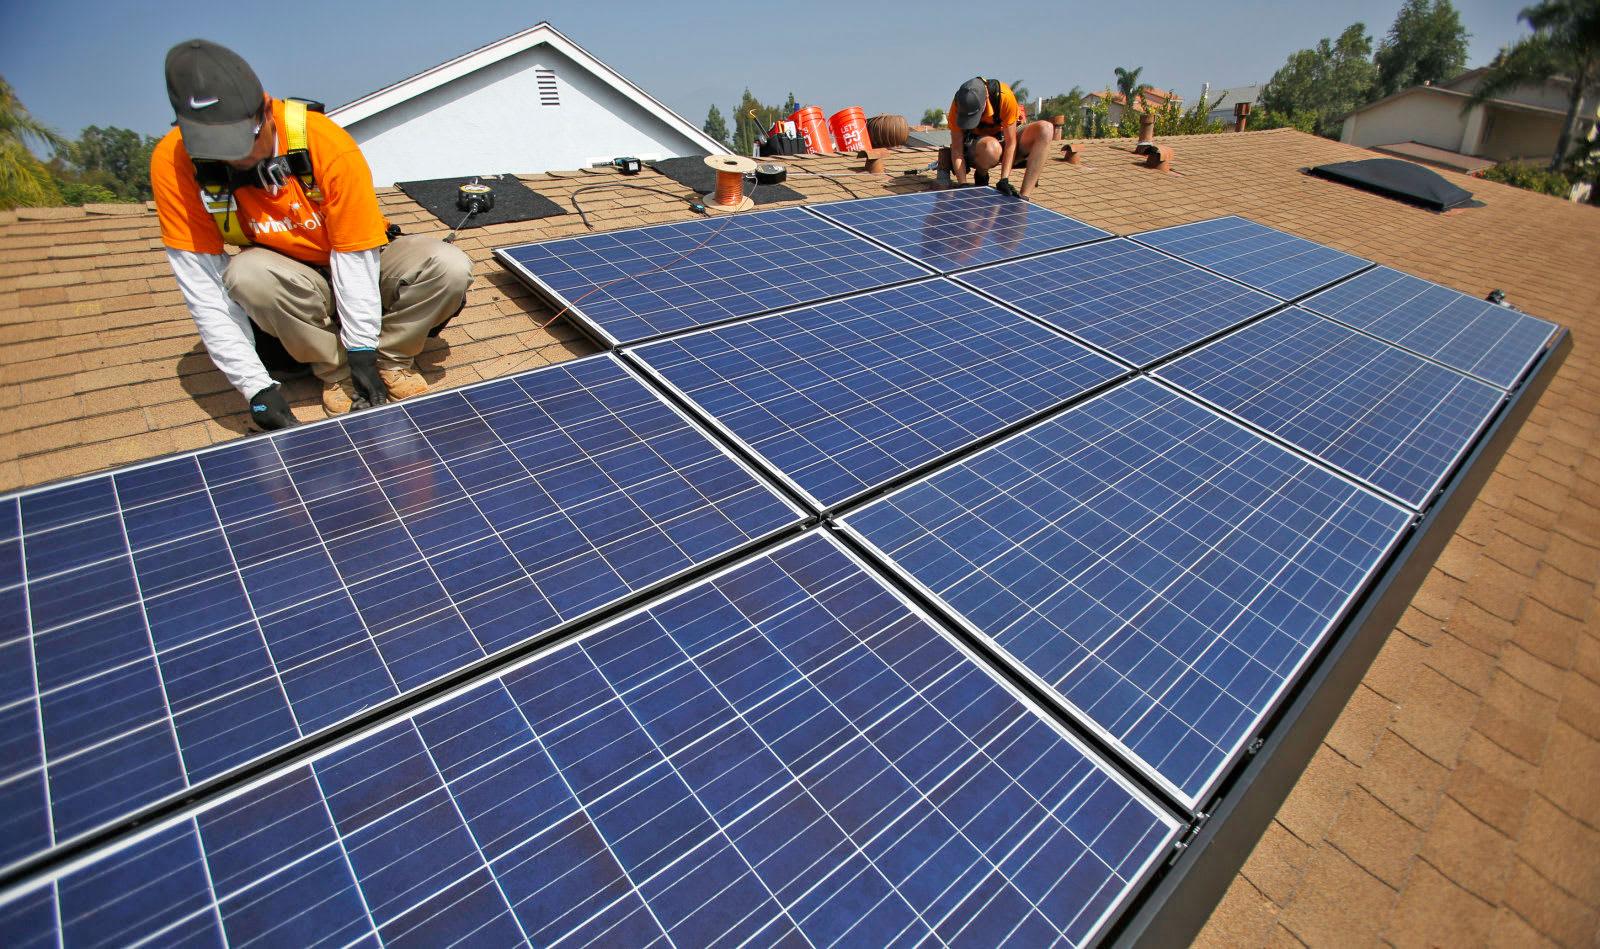 solar-ed.jpg&client=amp-blogside-v2&sign